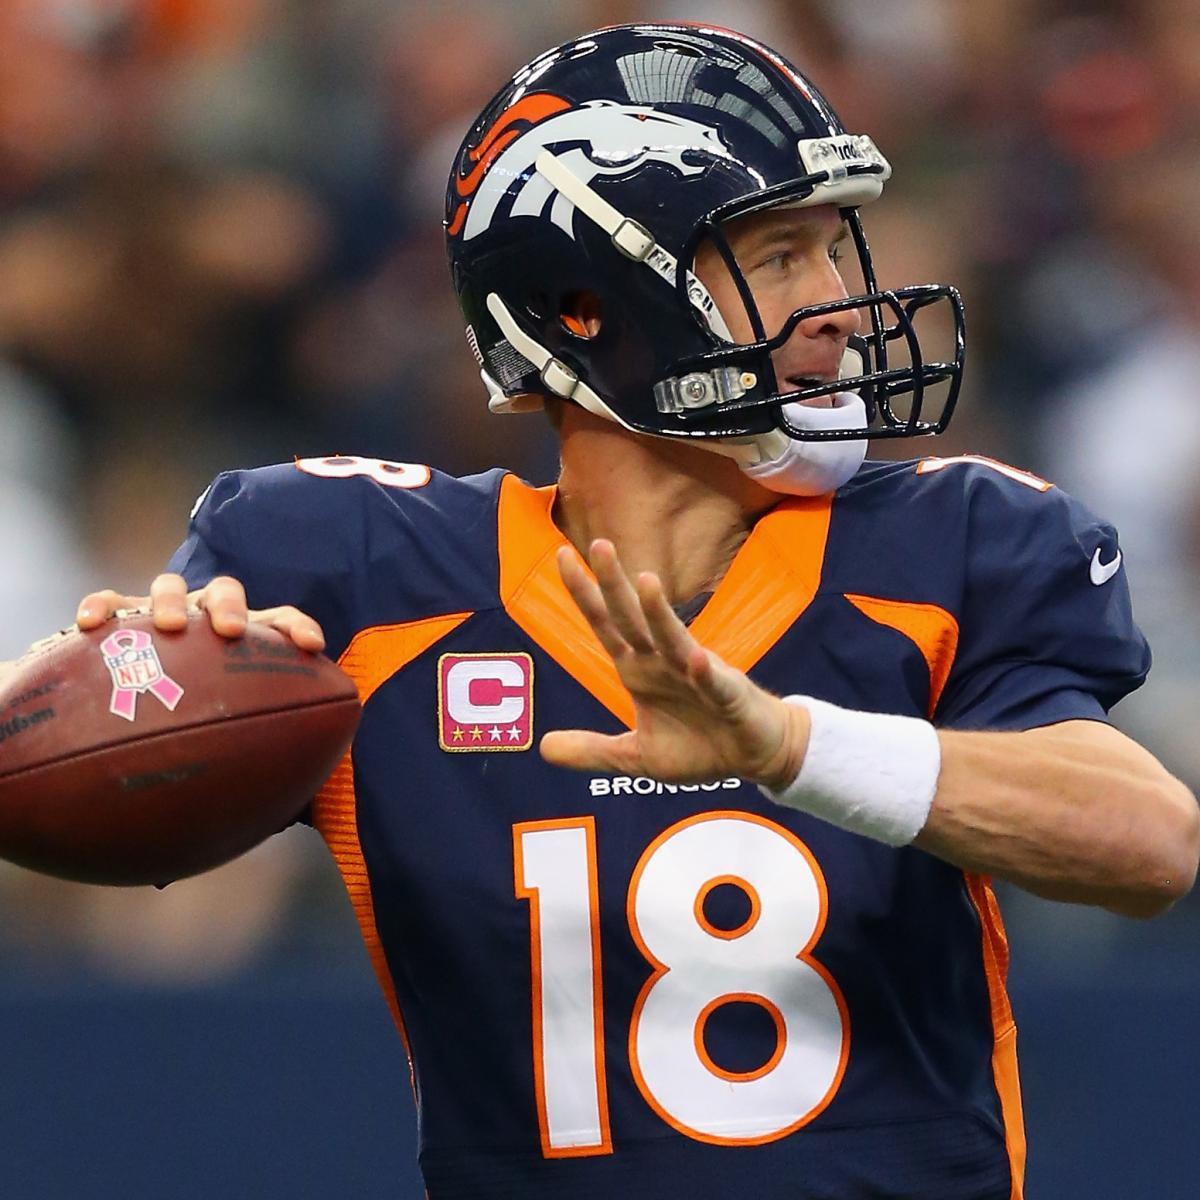 What Makes Peyton Manning, Denver Broncos Offense So